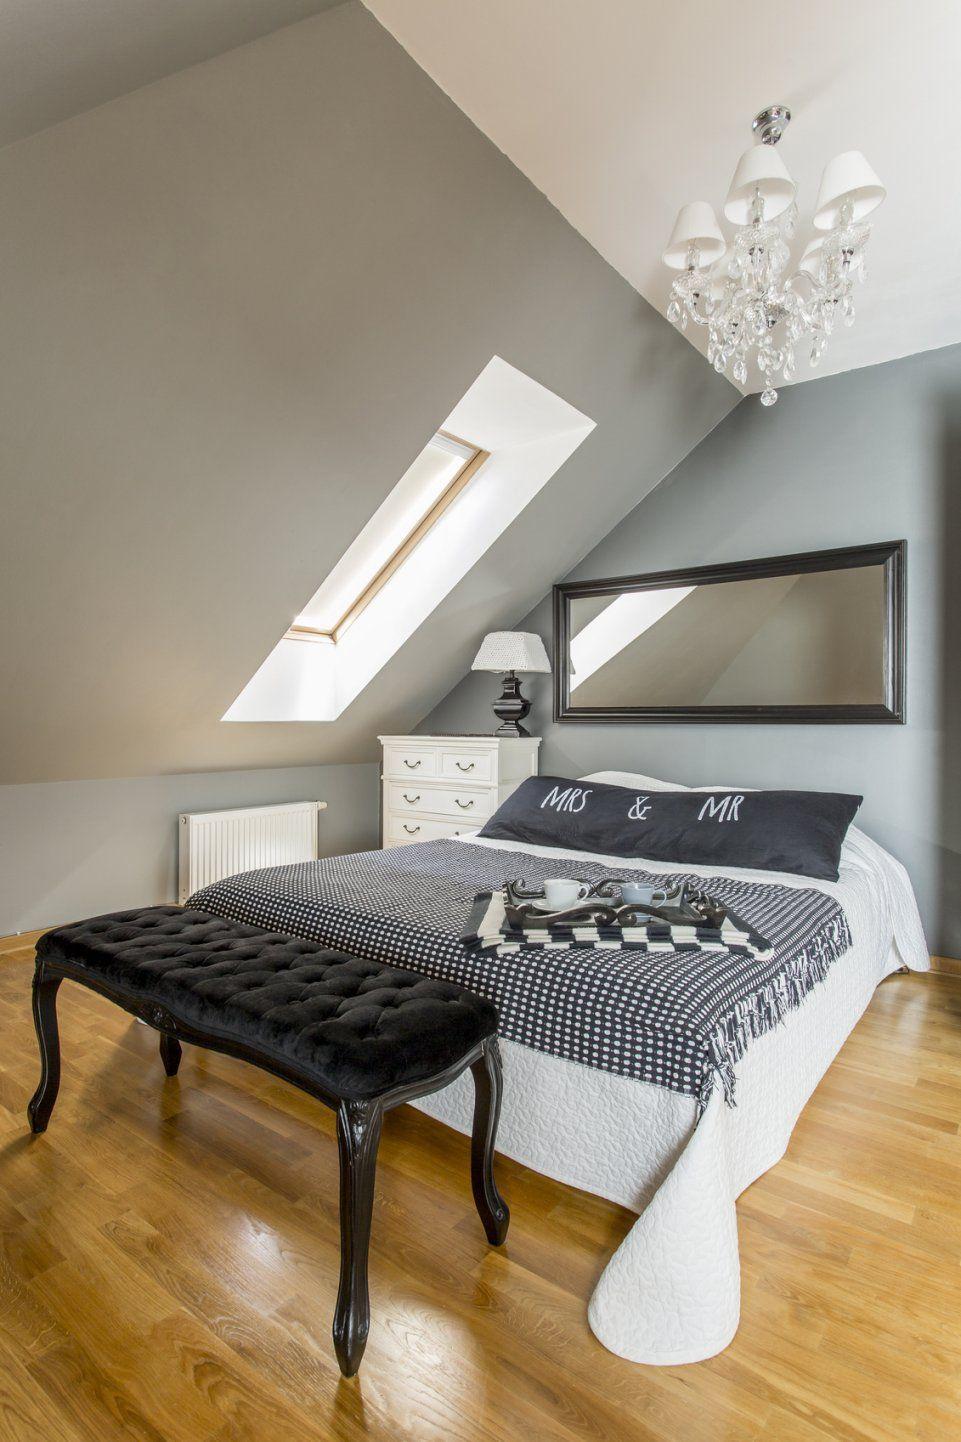 Schlafzimmer Ideen Mit Dachschräge  Ocaccept von Schlafzimmer Ideen Schräge Wände Bild